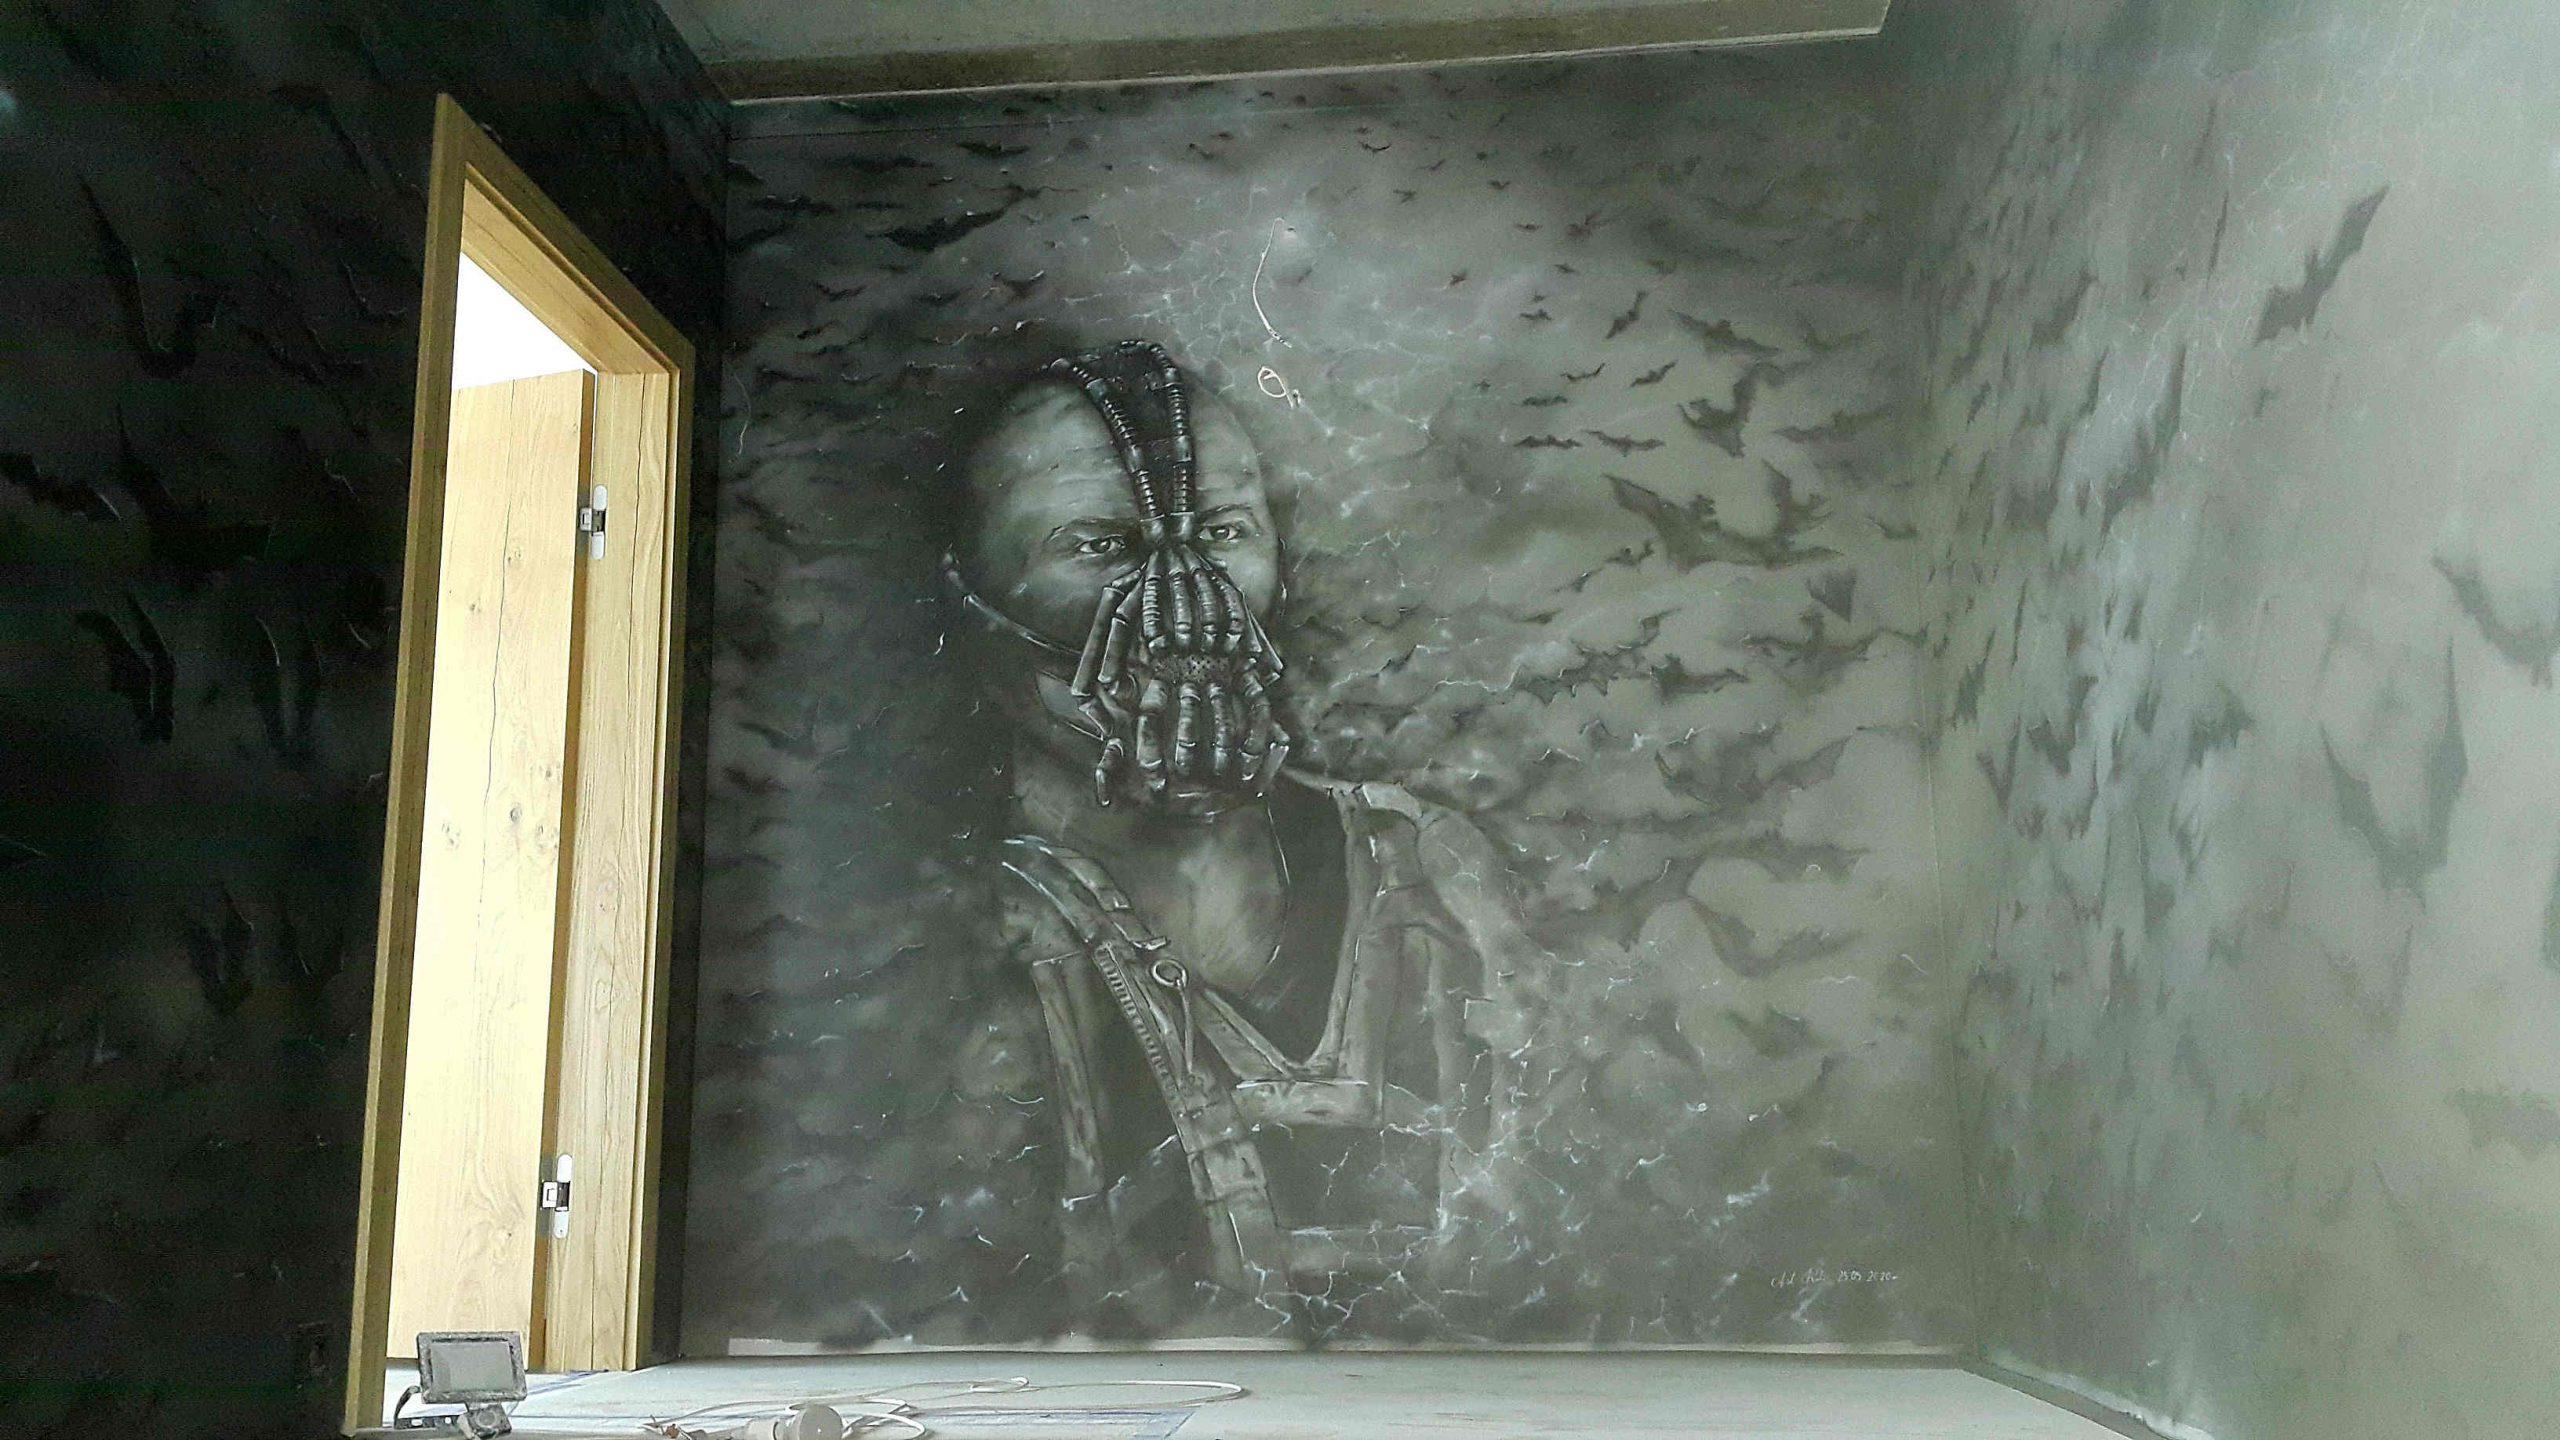 Mural w odcieniach szarości wykonany na klatce schodowej, malowidło w mrocznym klimacie,